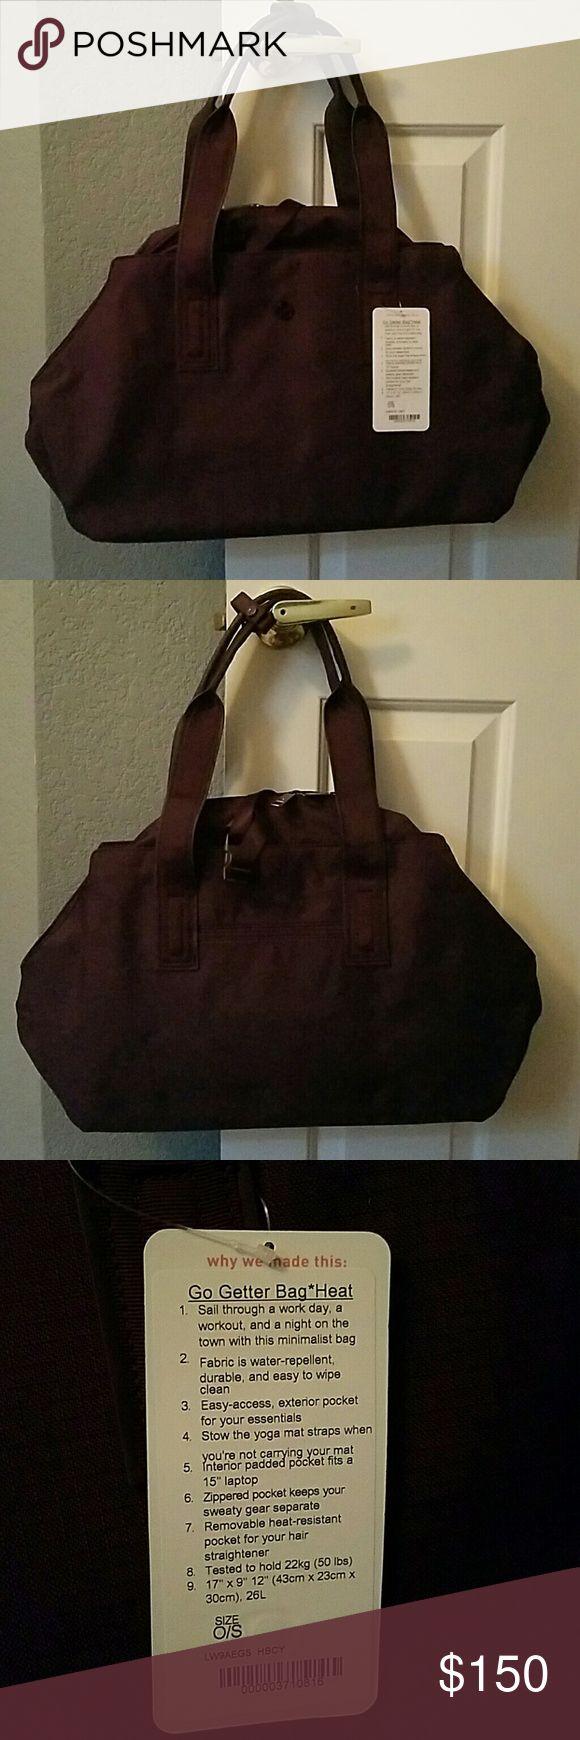 Lululemon bag! Deep Burgundy in color! Bnwt! Go getter bag! *heat! Never used. Sold out online! lululemon athletica Bags Shoulder Bags